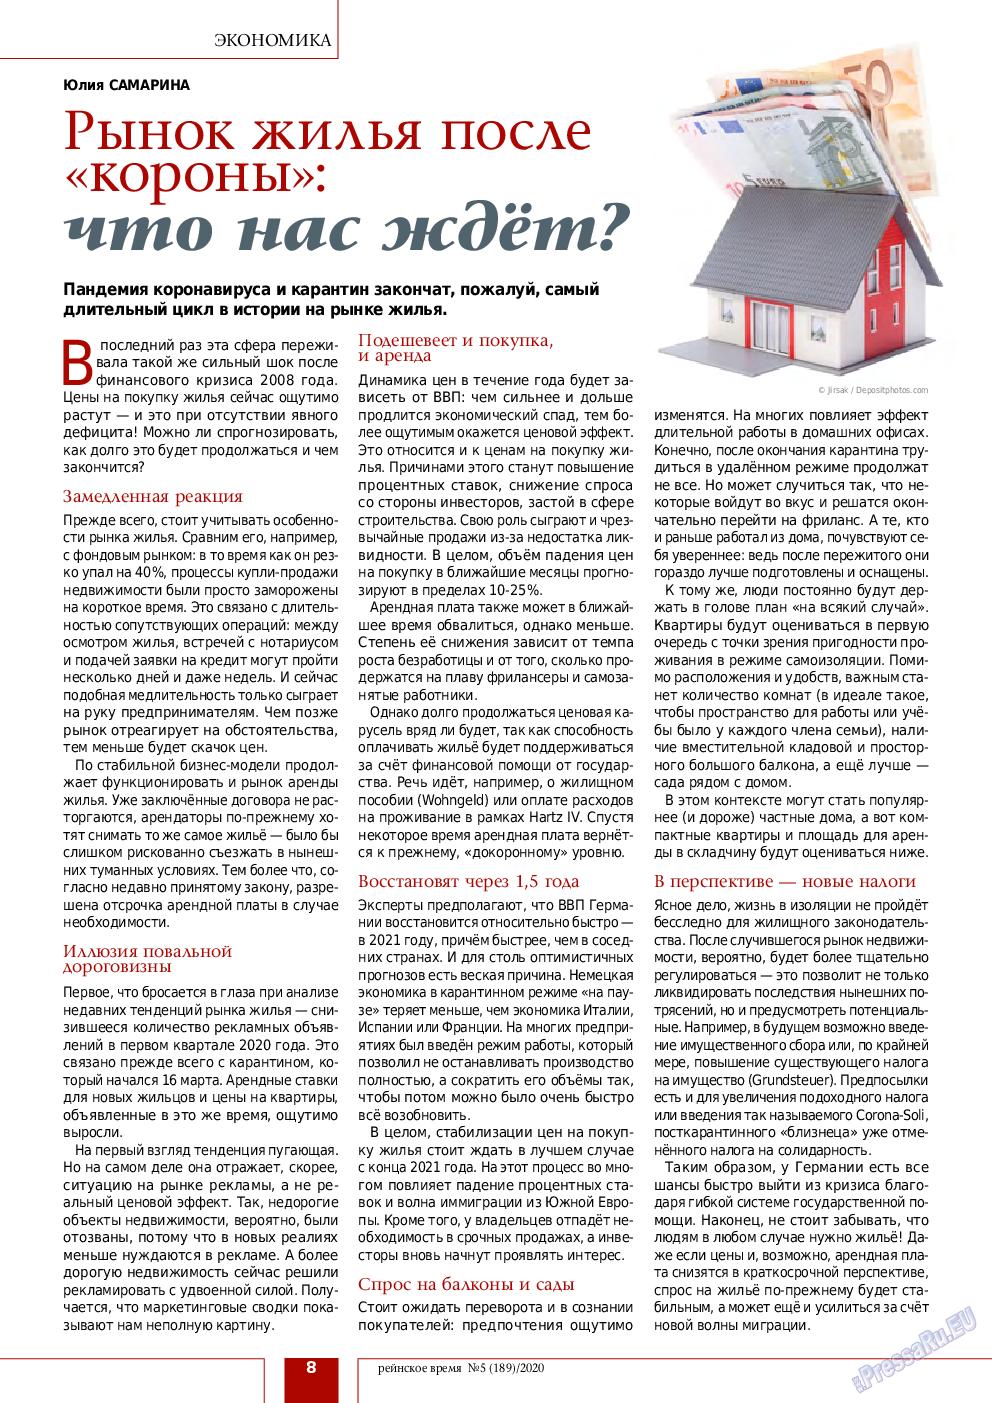 Рейнское время (журнал). 2020 год, номер 5, стр. 8